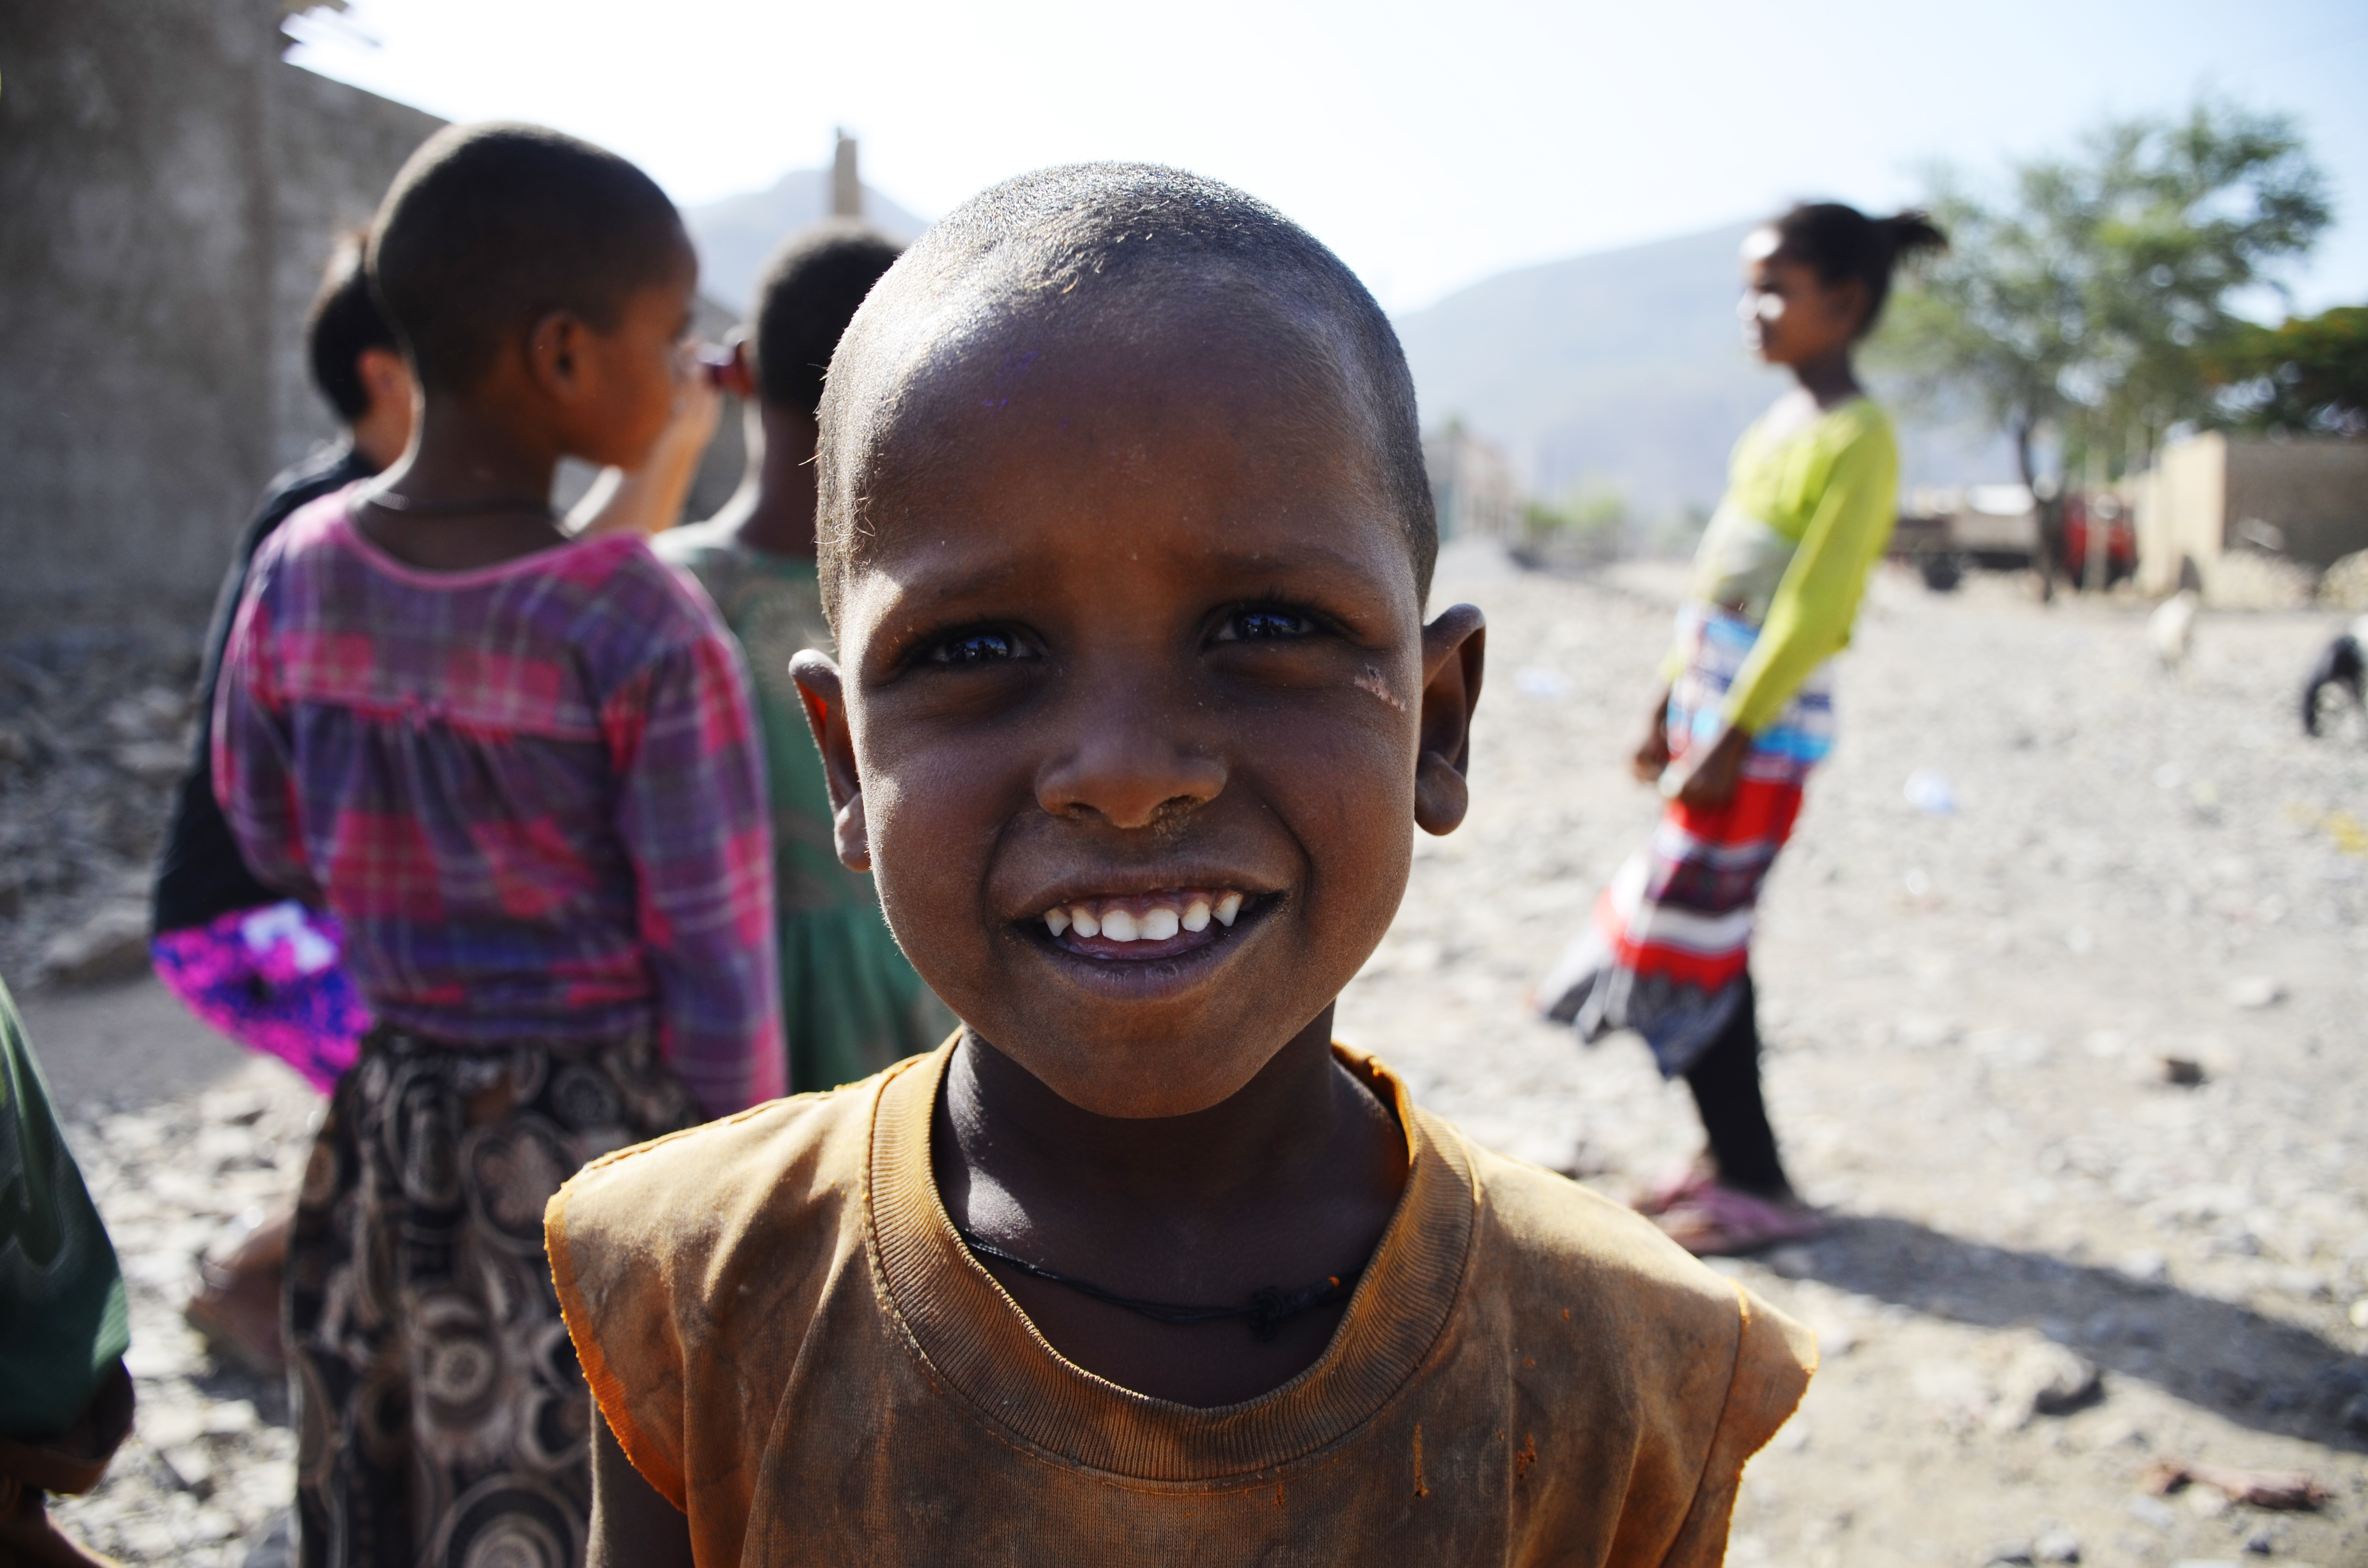 Dalol【Ethiopia】